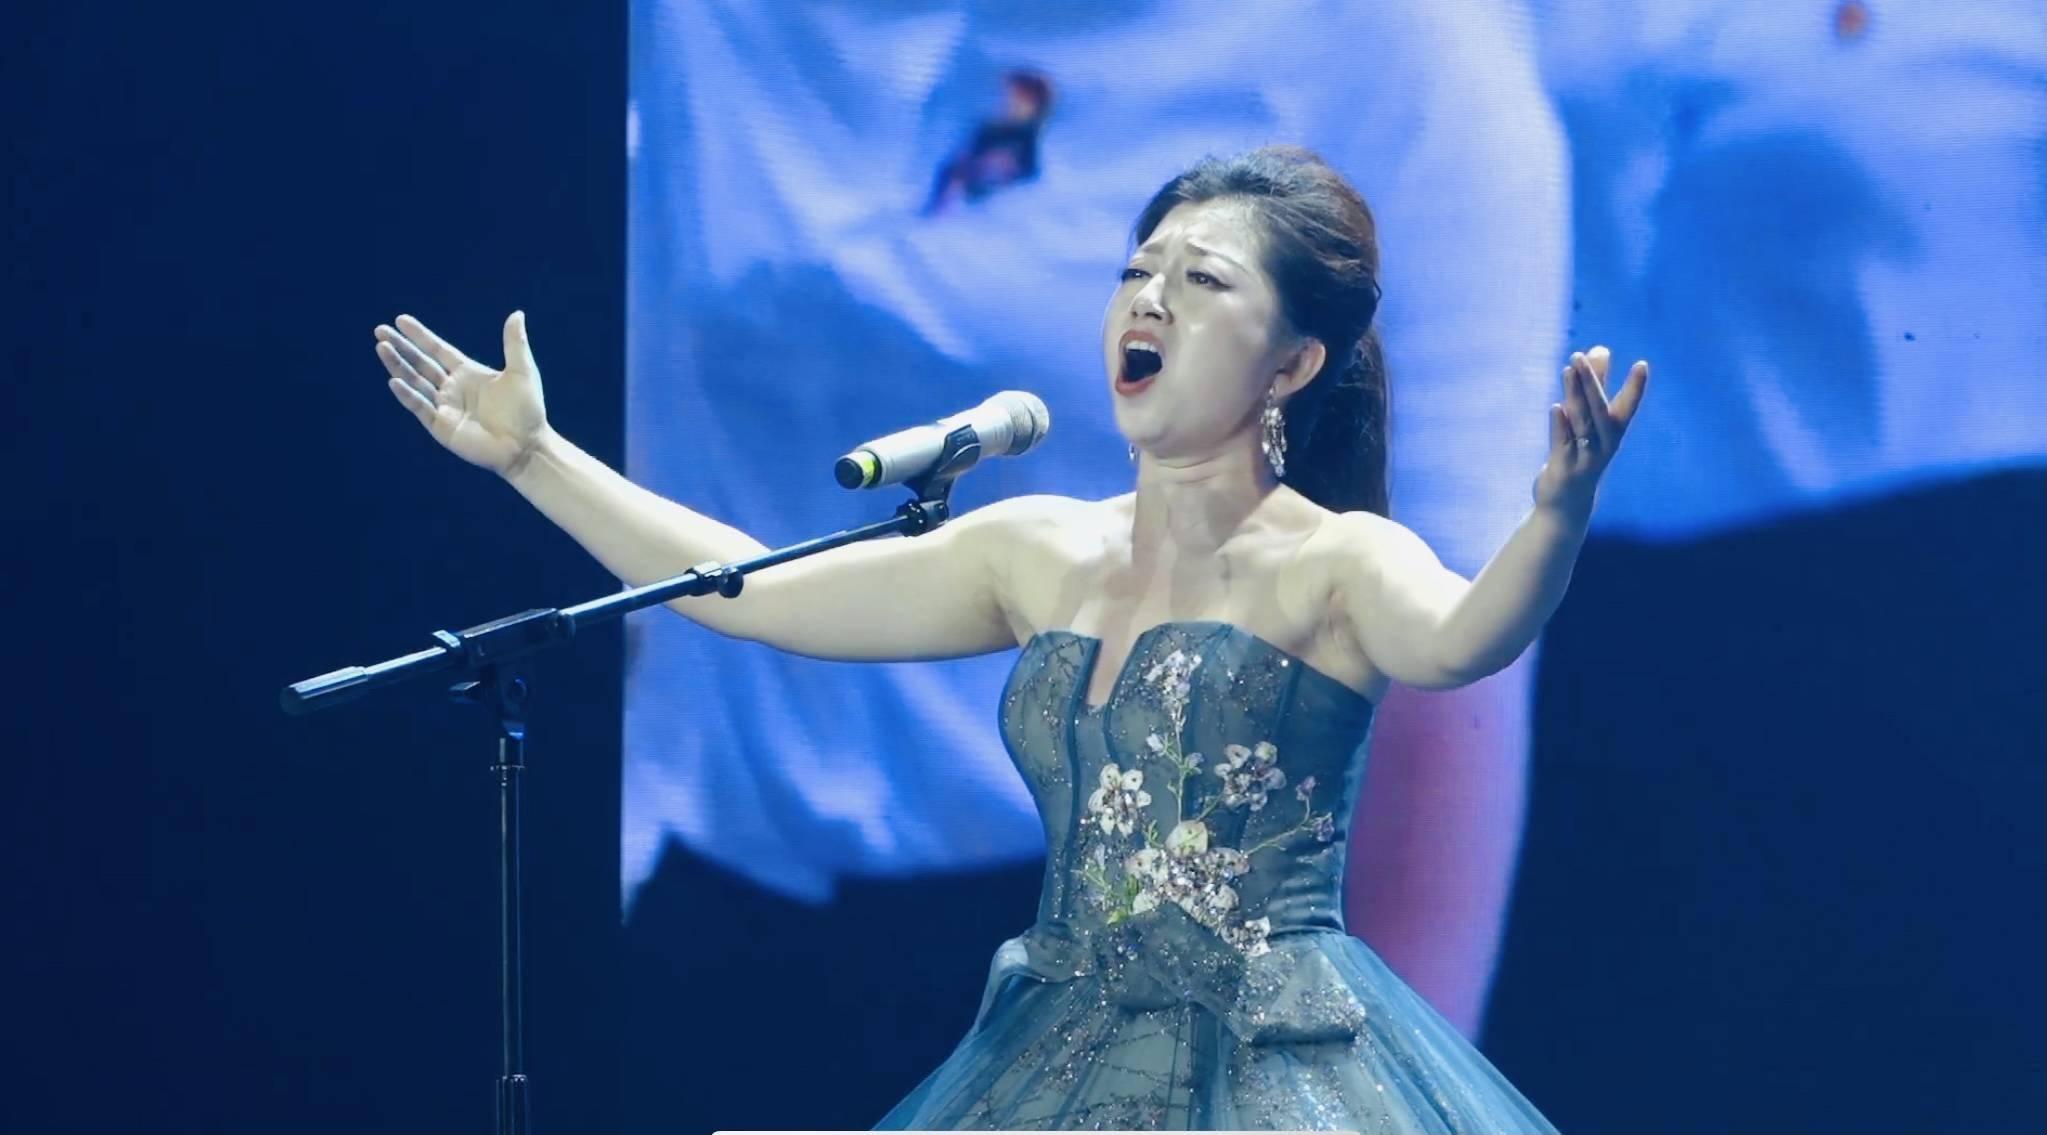 歌唱能使人身心愉悦